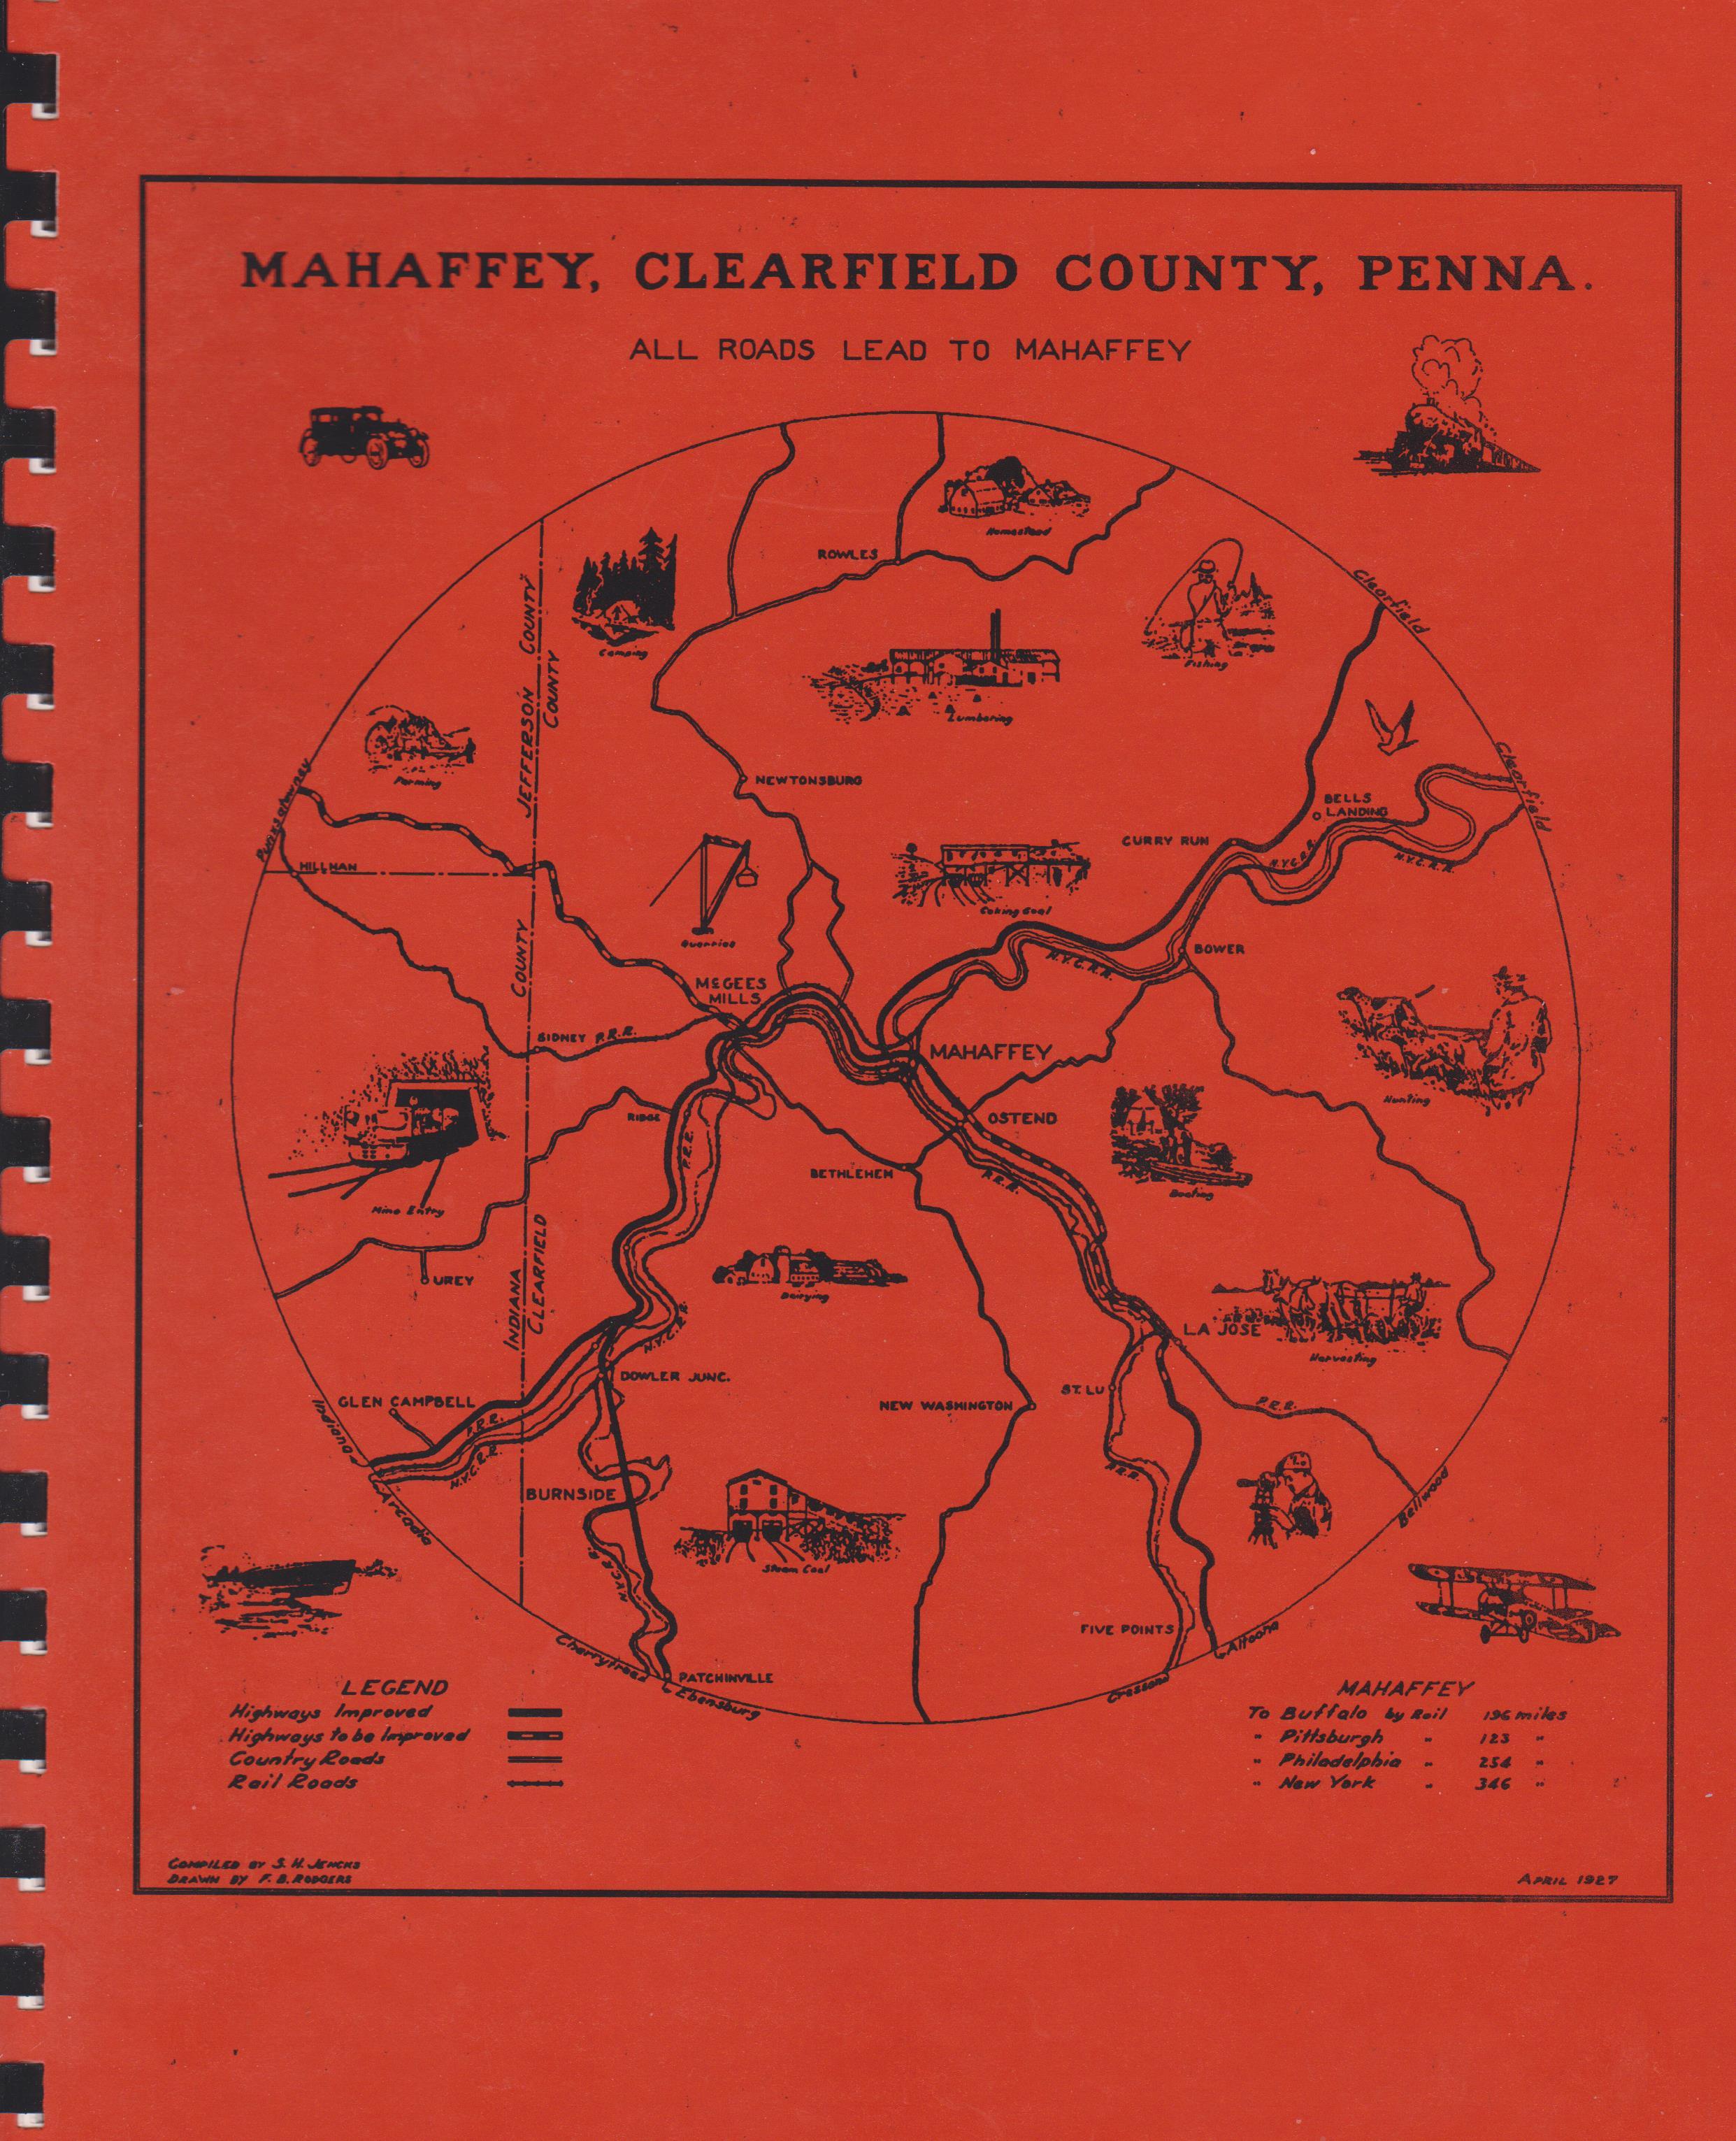 Mahaffey, Clearfield County PA - 100 Years of Heritage, 1889-1989